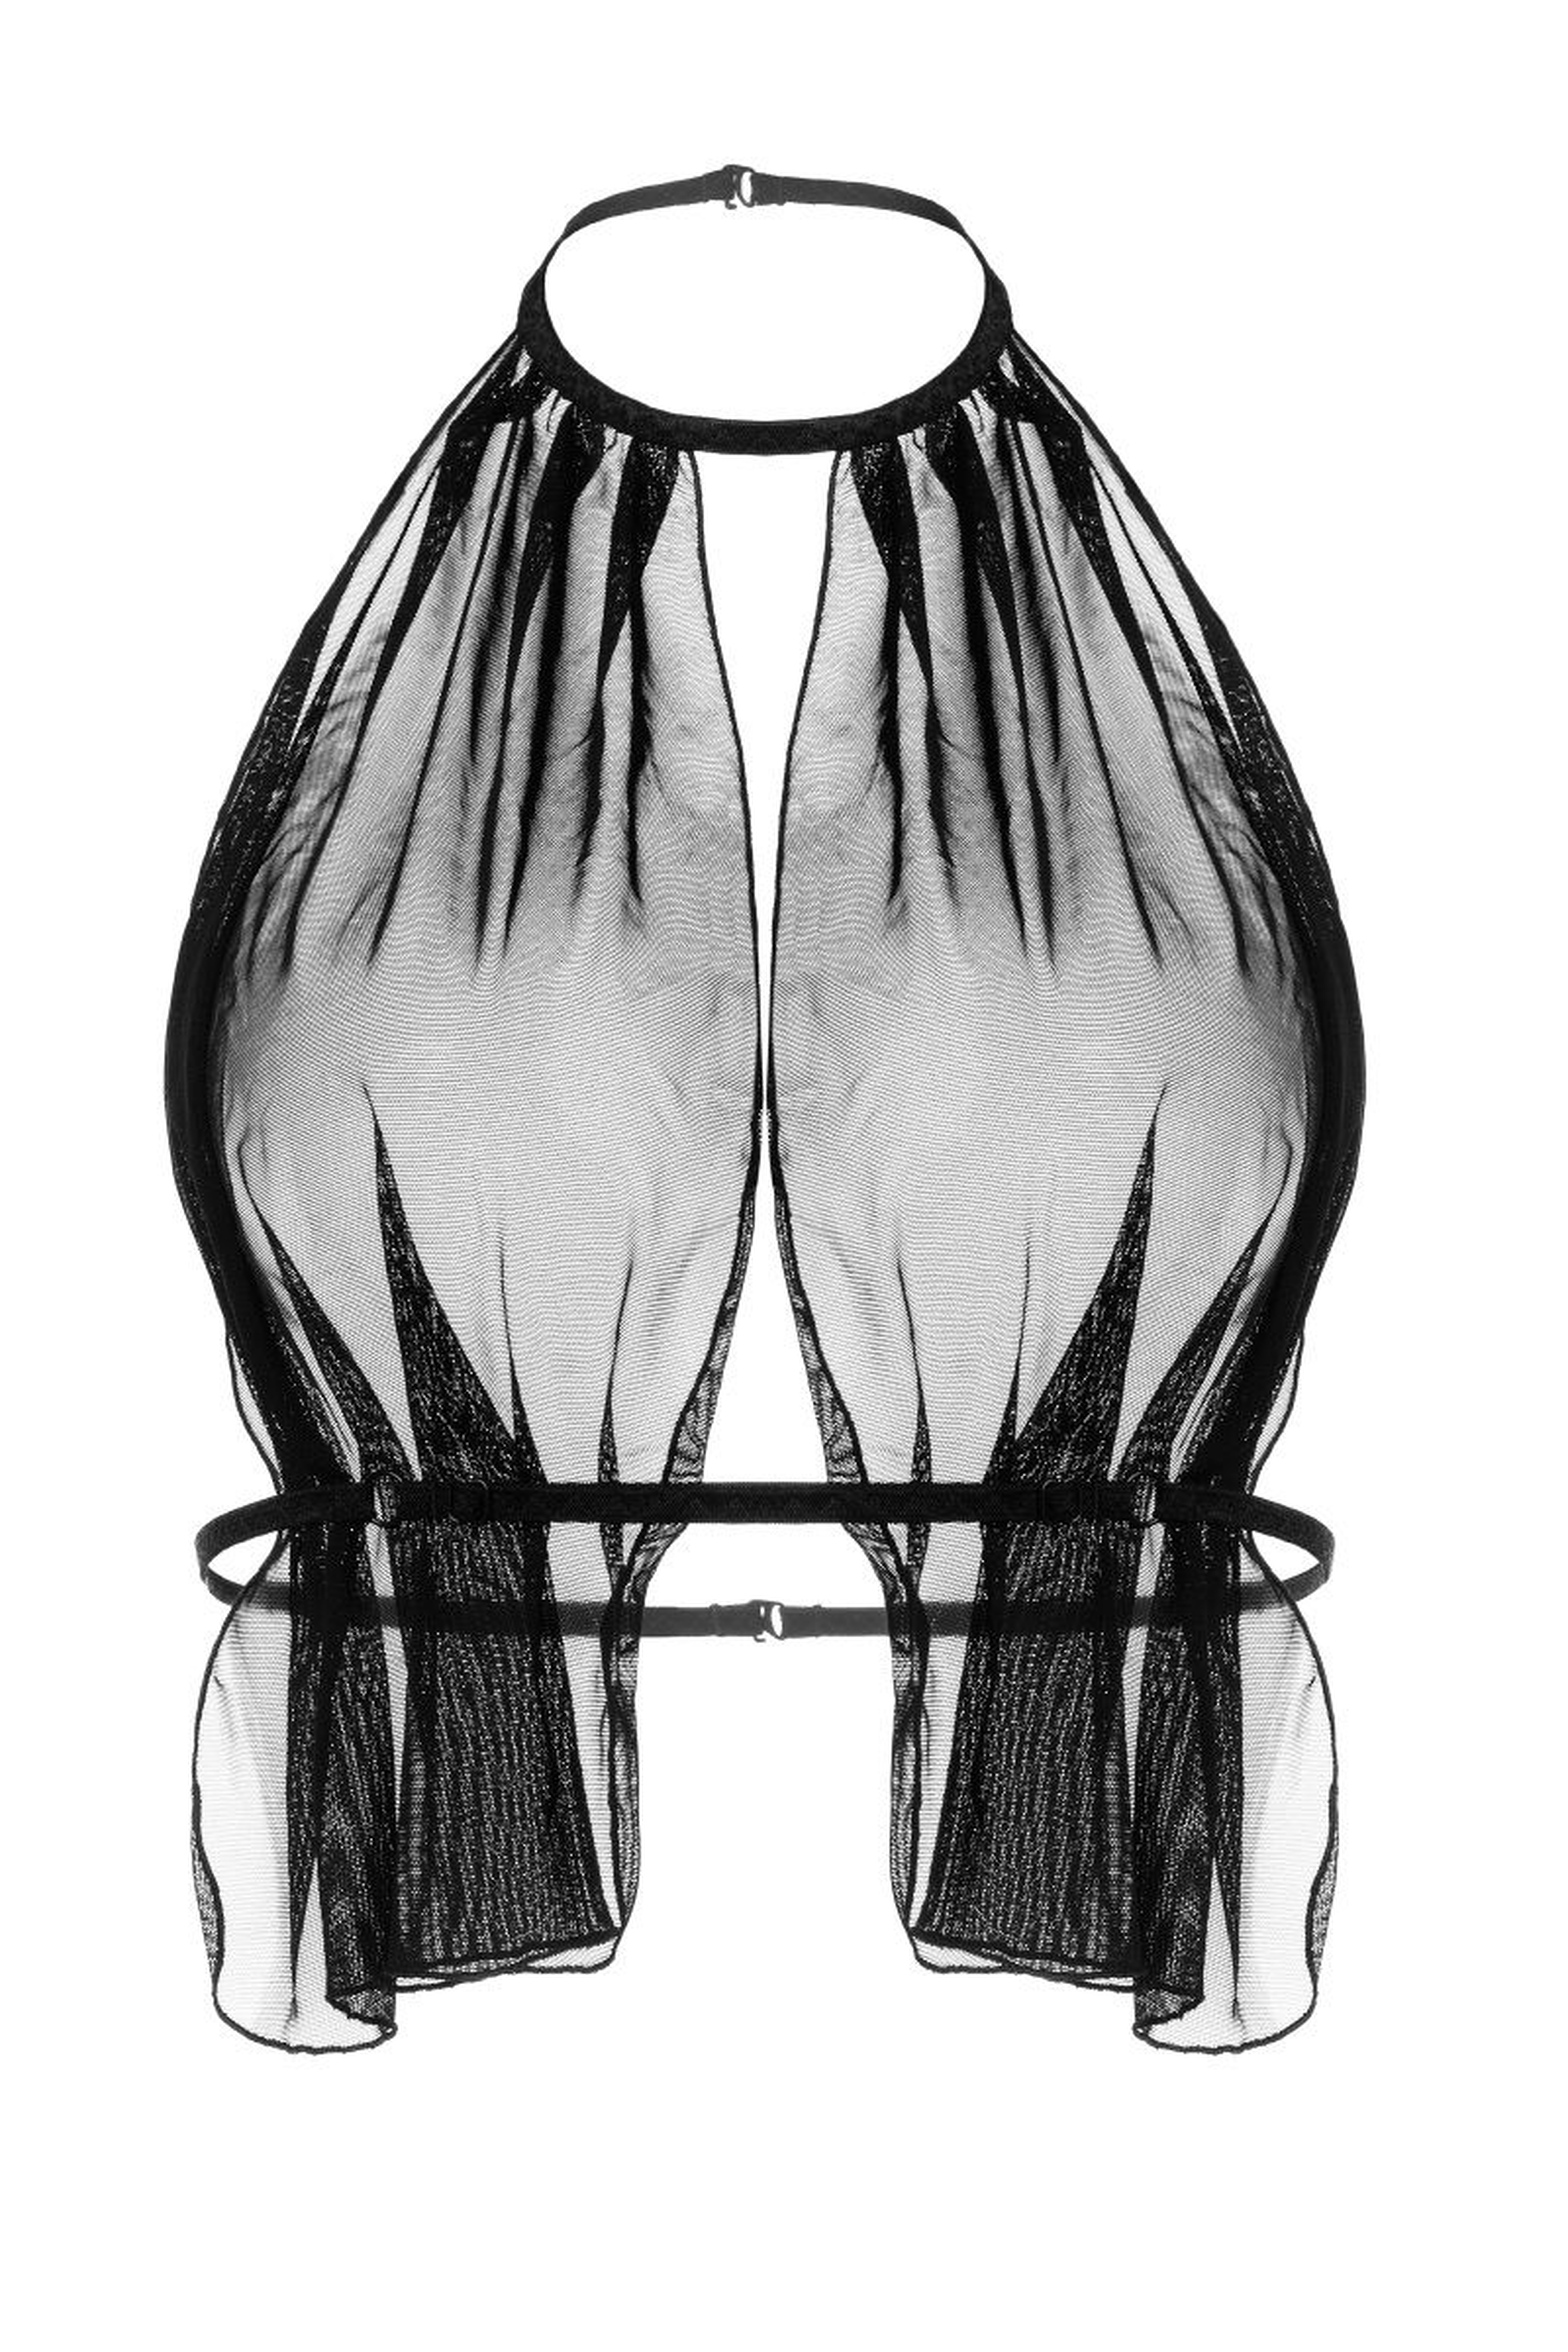 Бралетт с пояском Erolanta Clara, черный (48-52)